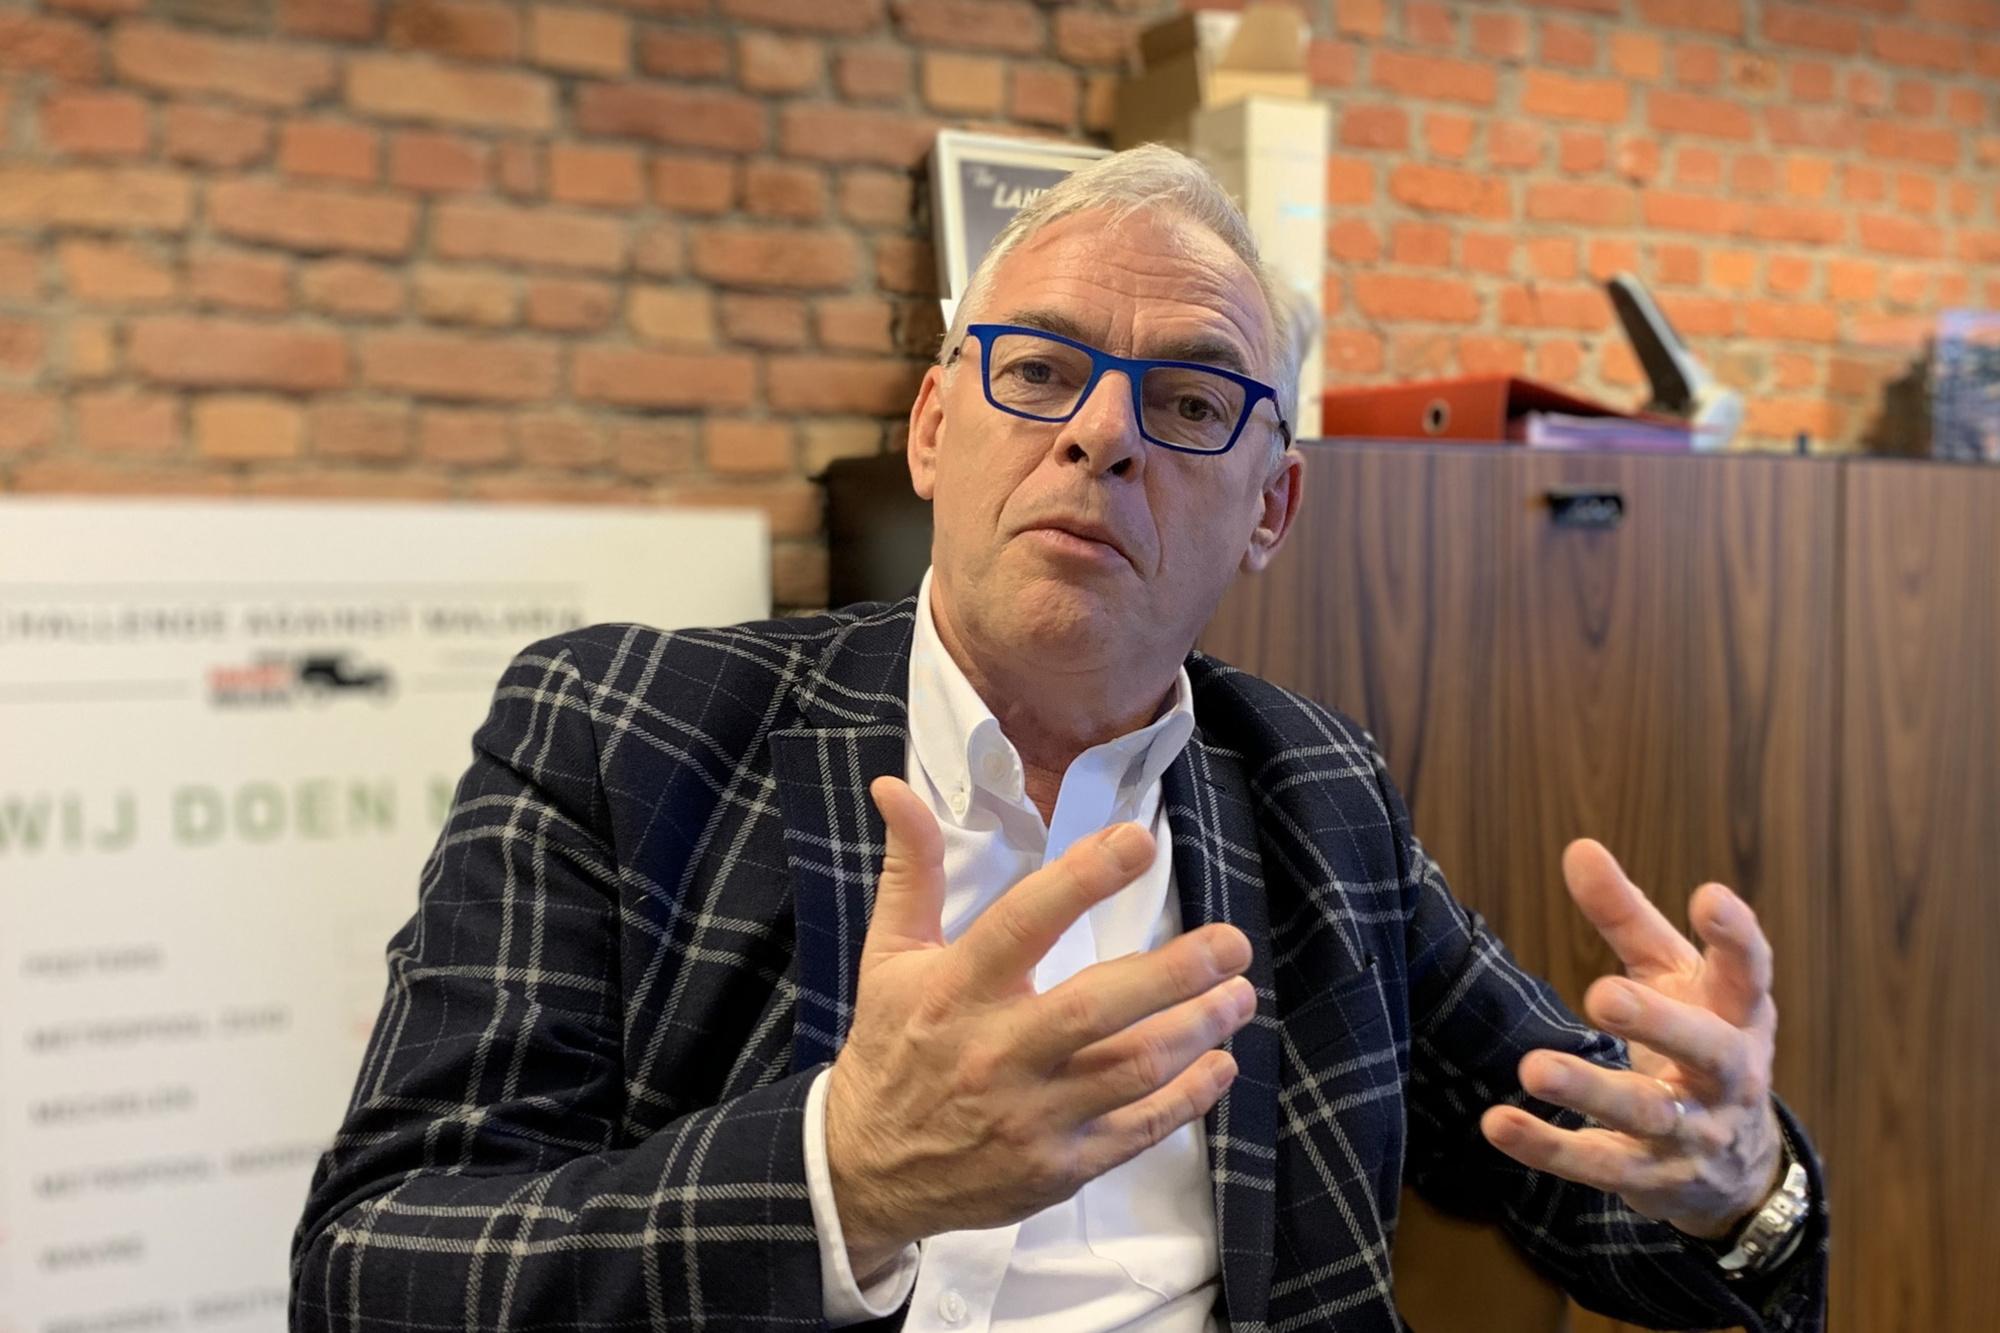 Jan Vroemans sluit nieuwe allianties niet uit om onafhankelijkheid en eigenheid van JLR veilig te stellen, Patrick Theunissen